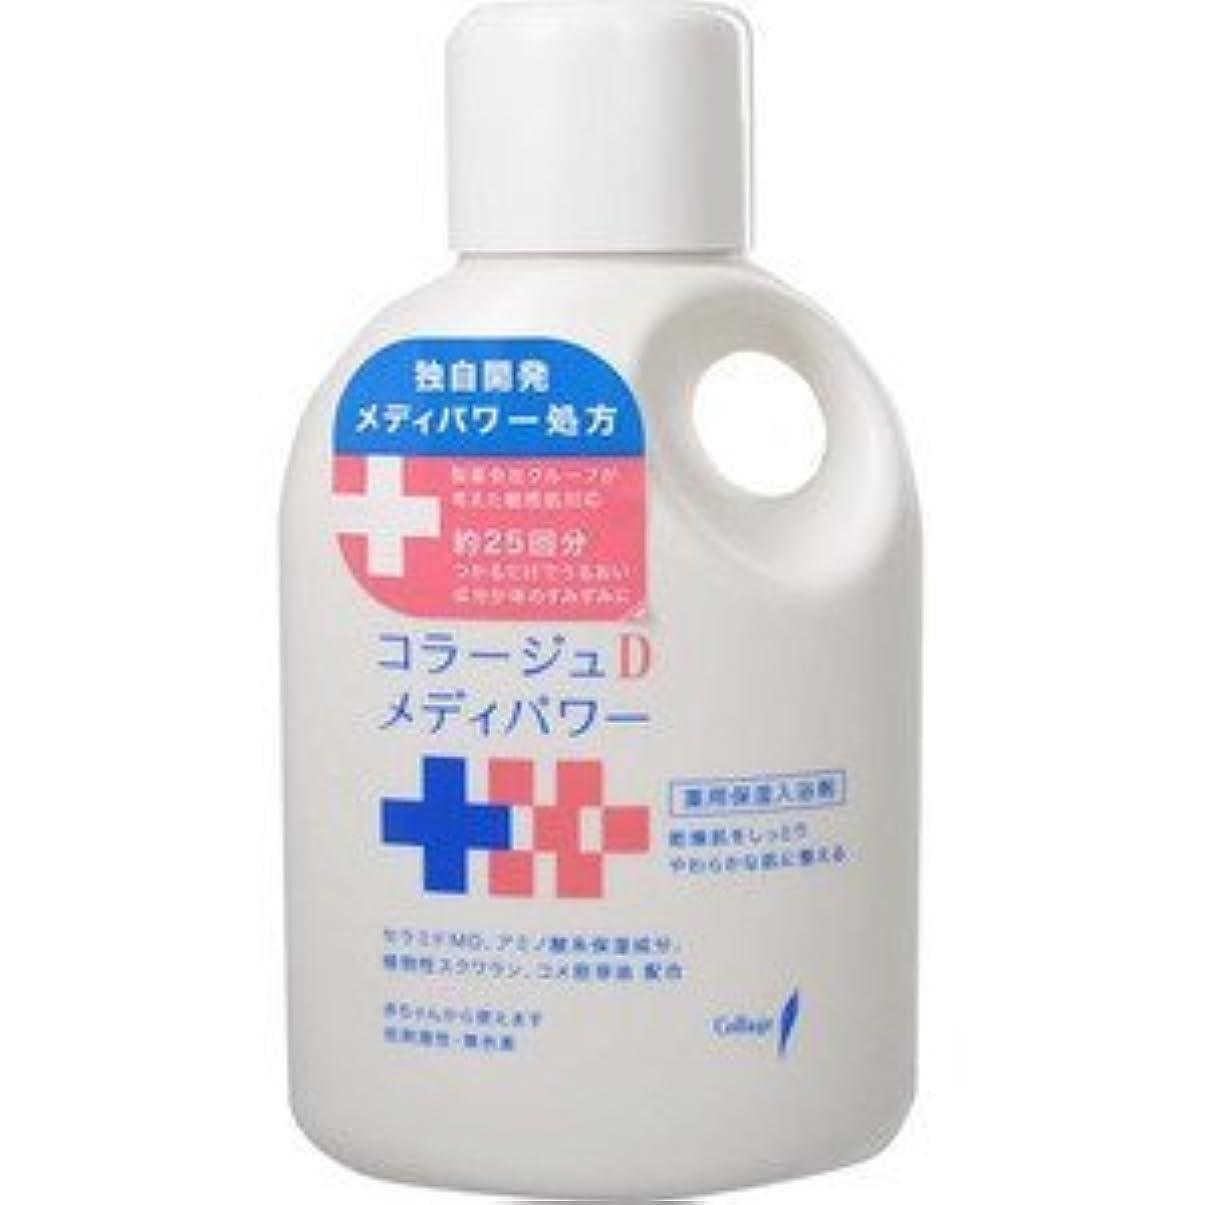 マルクス主義者トランスミッションバリア(持田ヘルスケア)コラージュ Dメディパワー保湿入浴剤 500ml(医薬部外品)(お買い得3個セット)